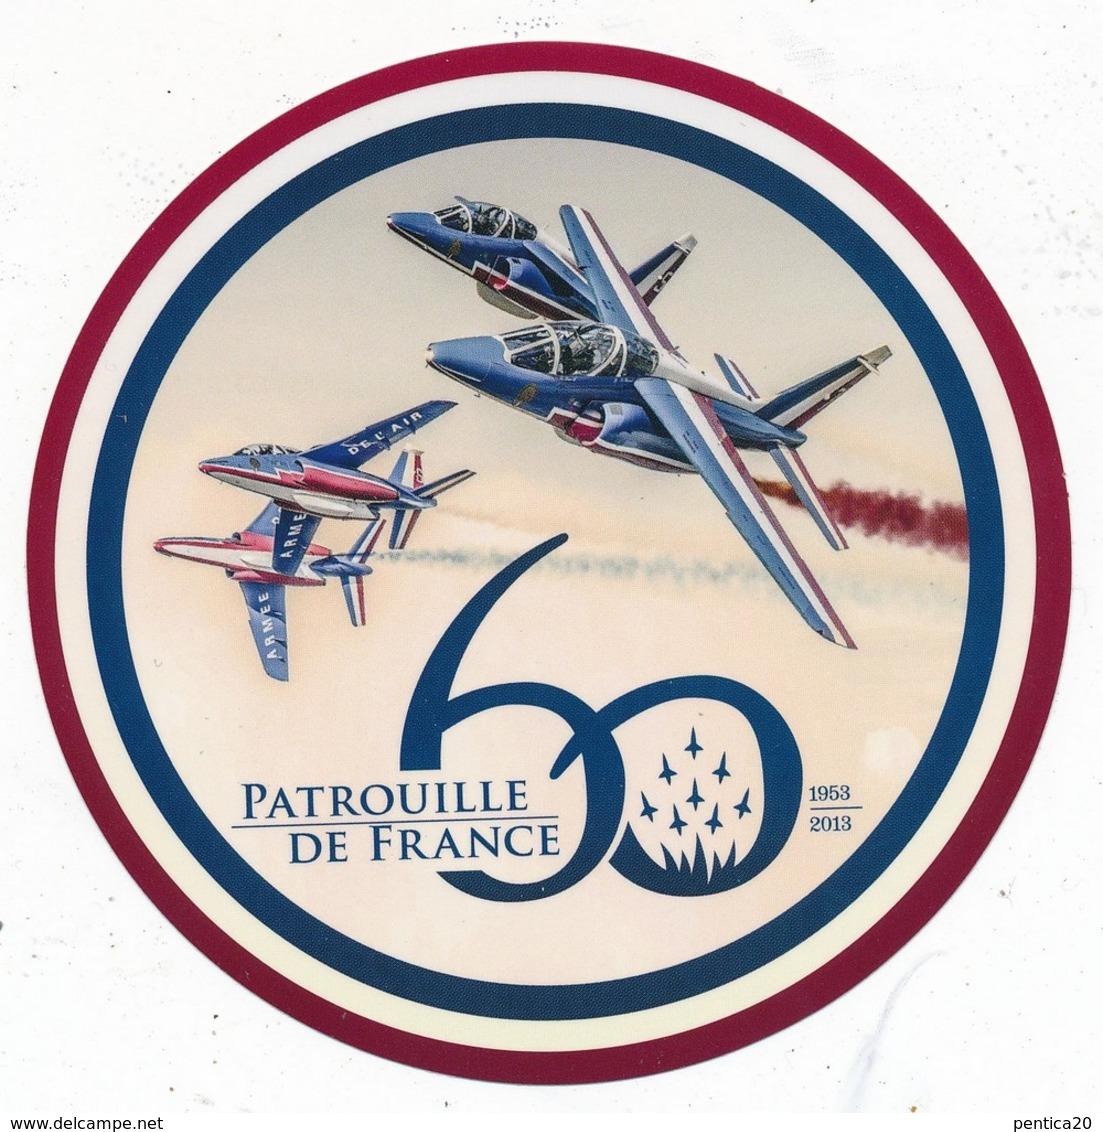 Auto-collant  PATROUILLE DE FRANCE 1953-2013 - Aviation